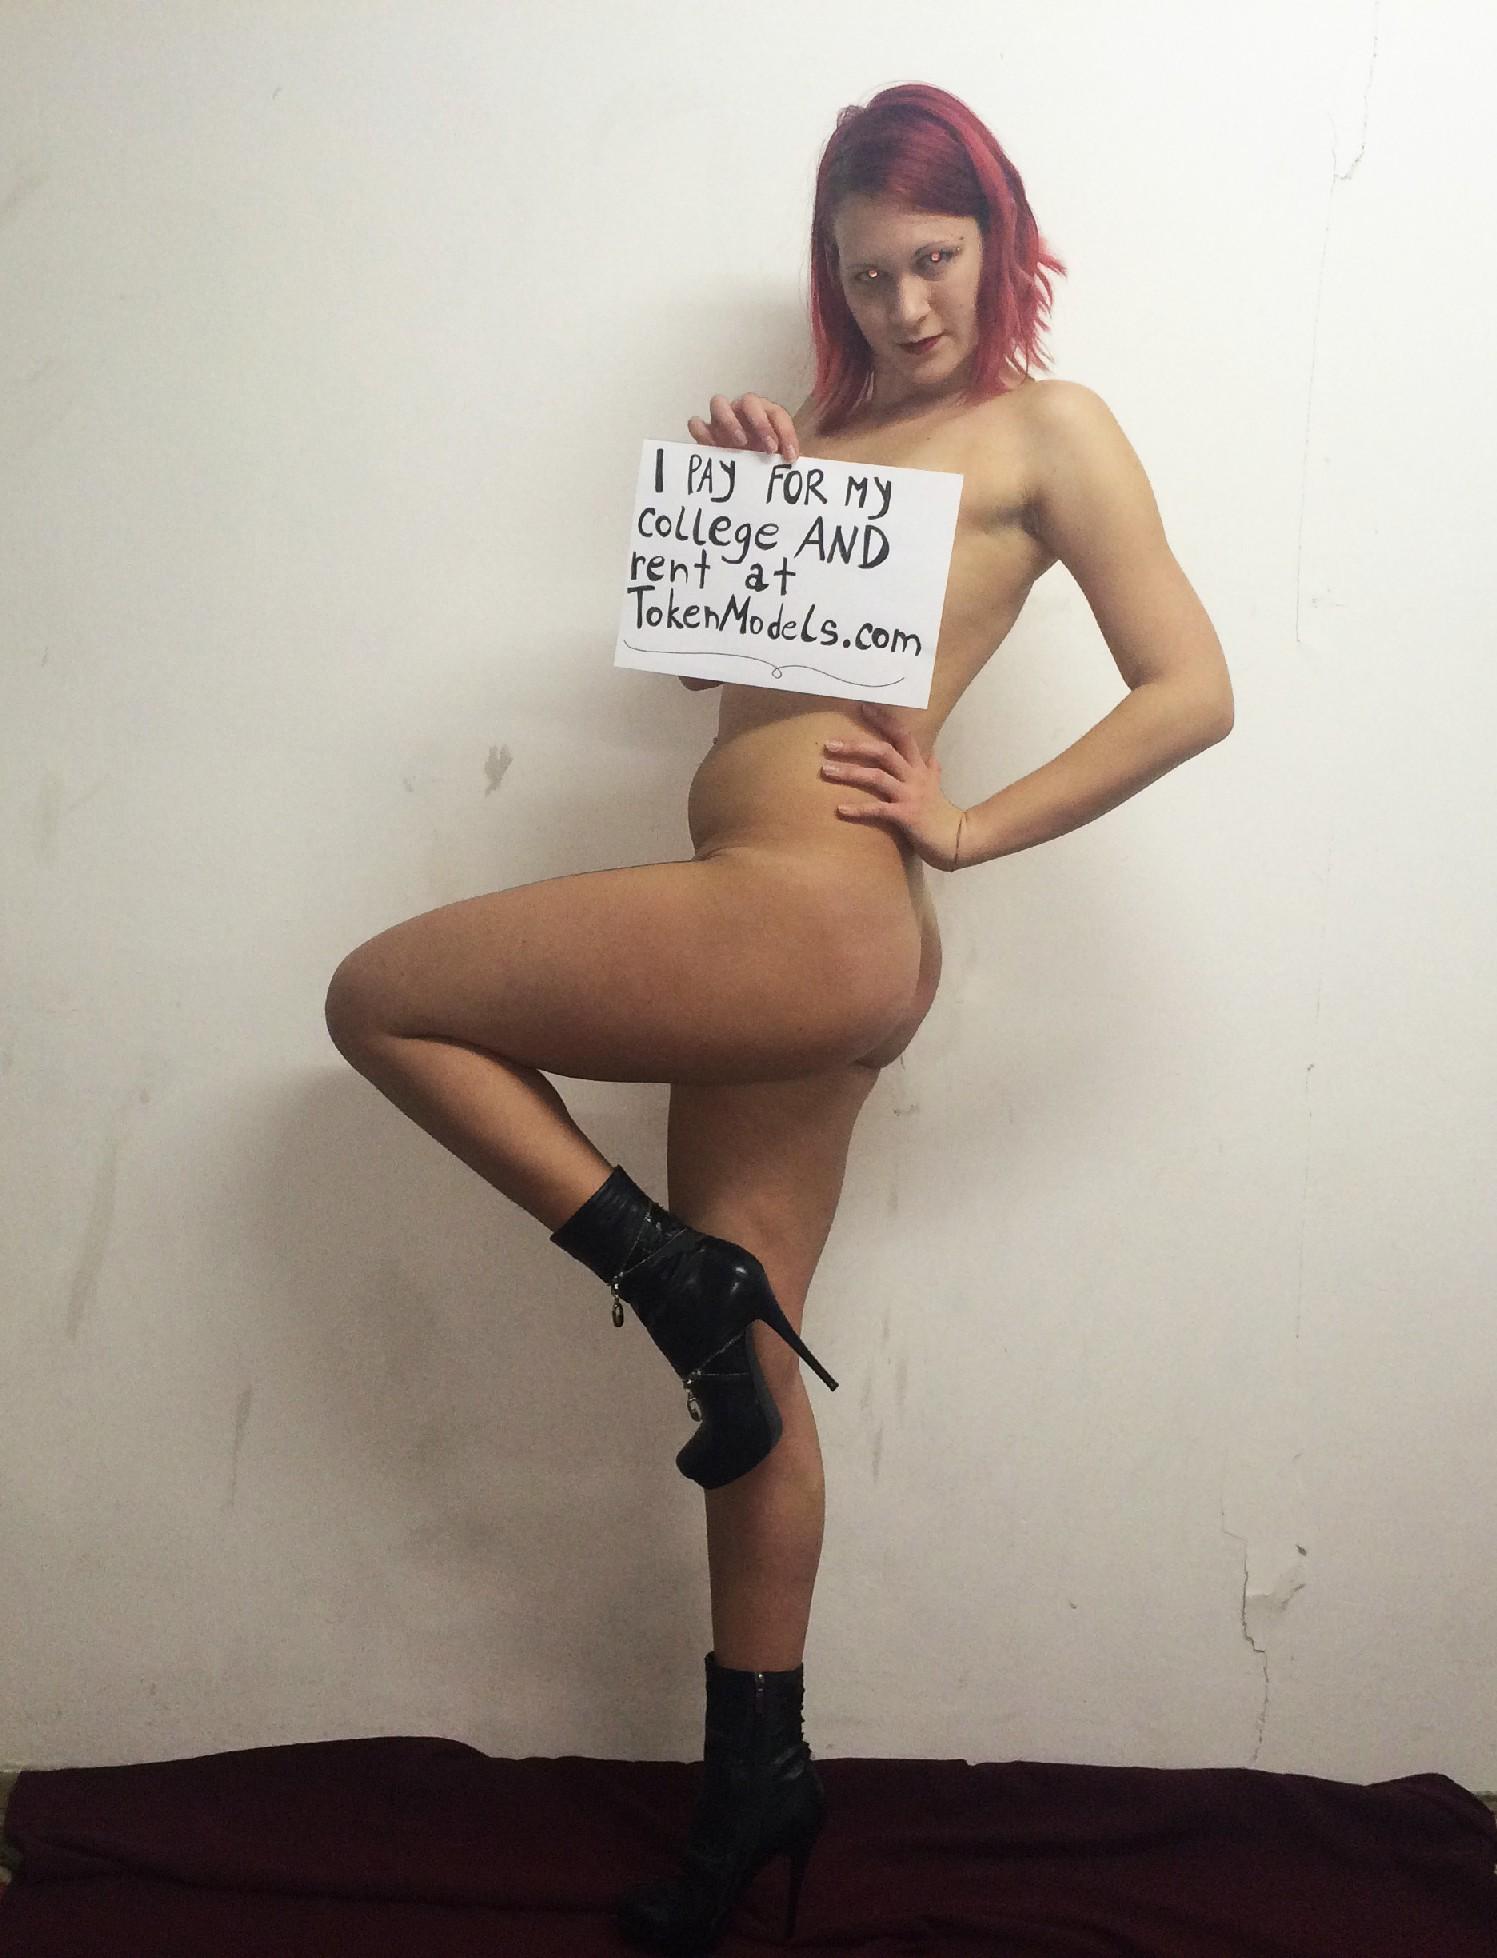 Рыжая соблазнительница фоткается обнаженной с вручённой ей запиской